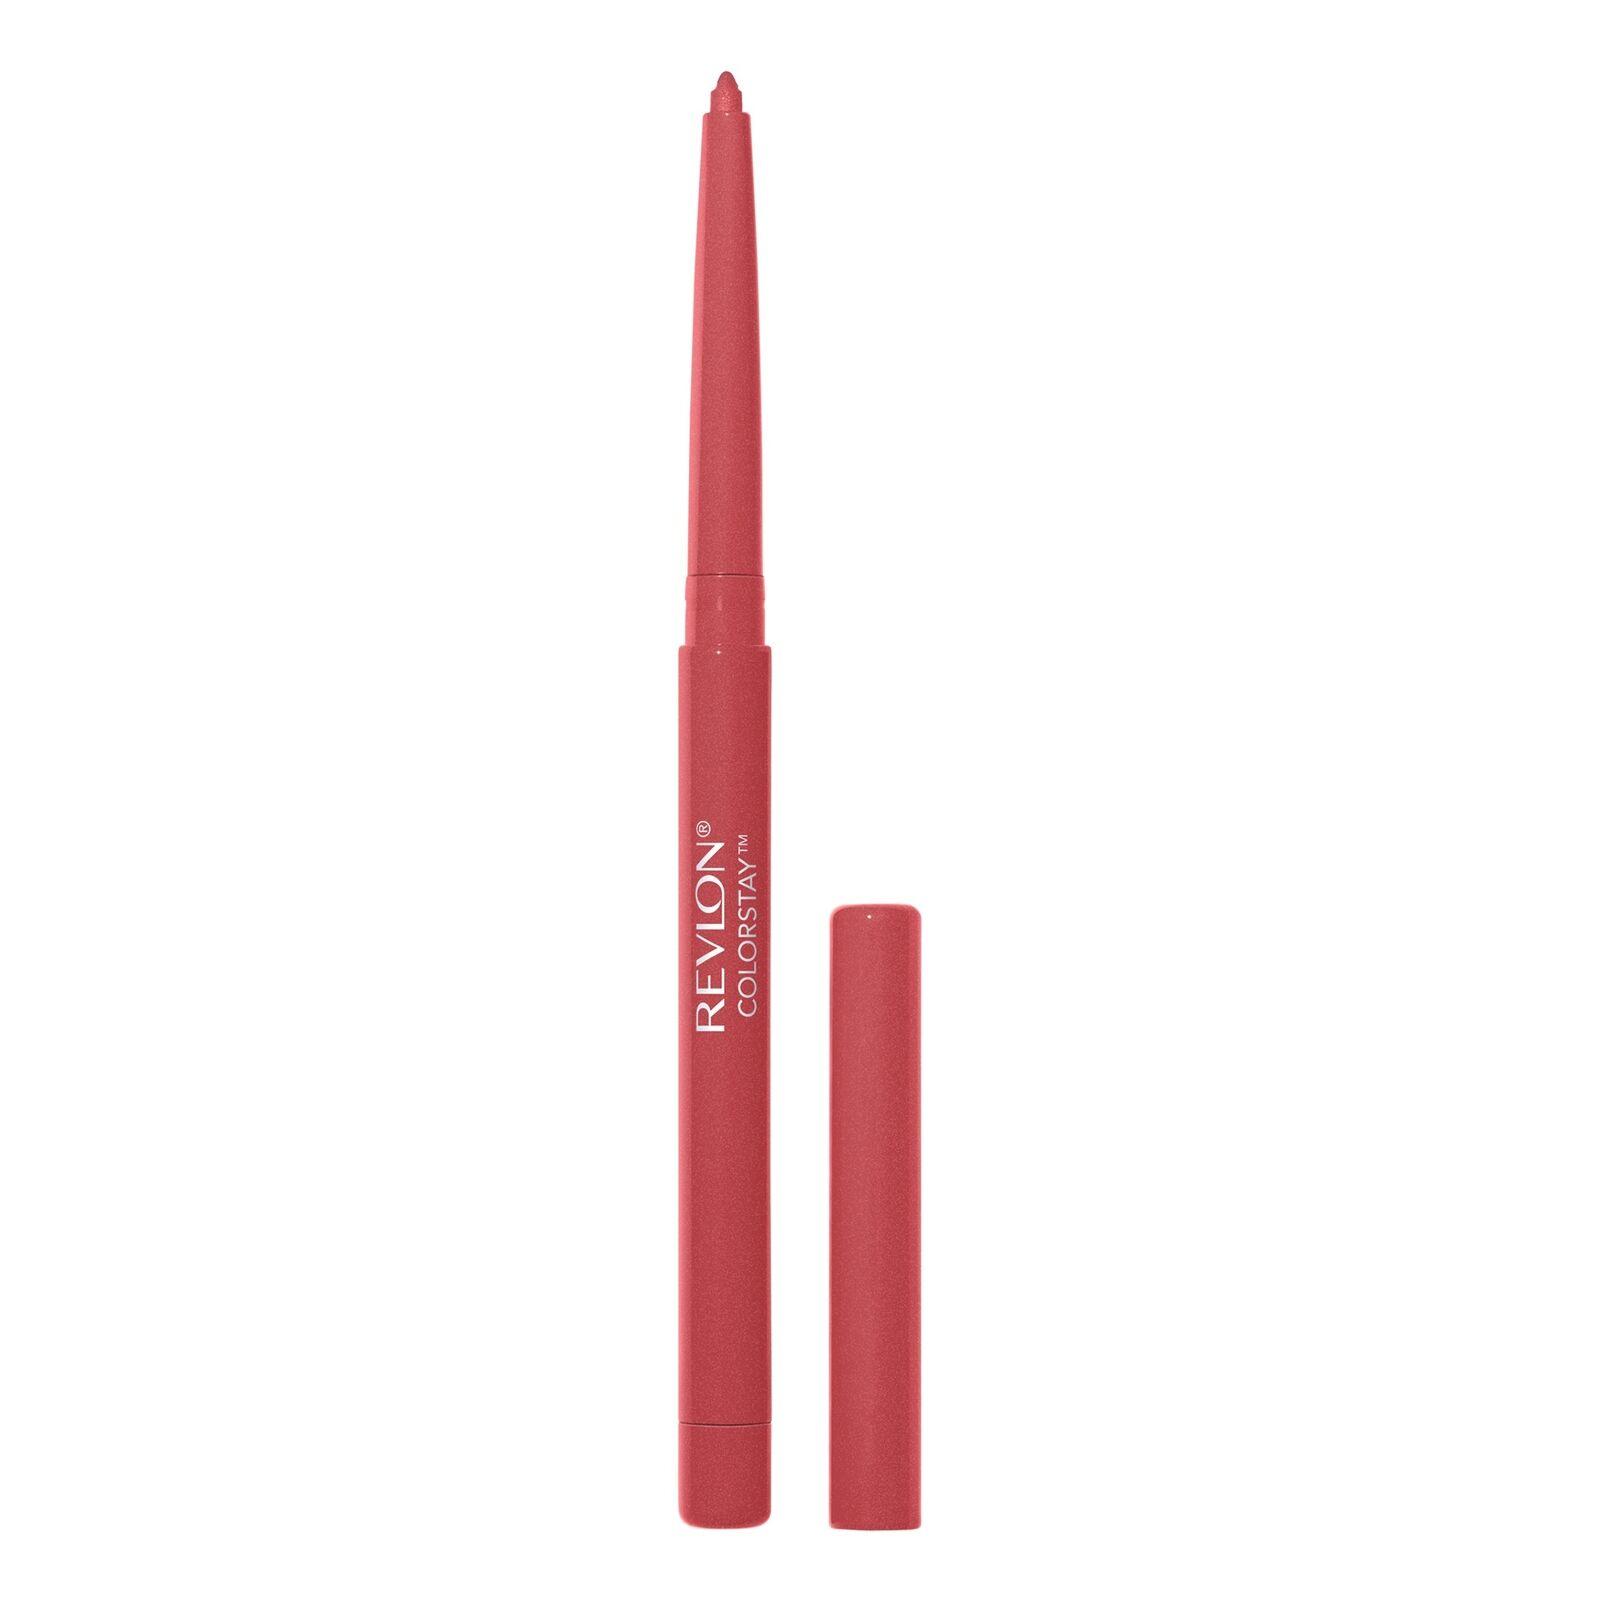 Revlon Colorstay Liner, Pink 650, .01 oz